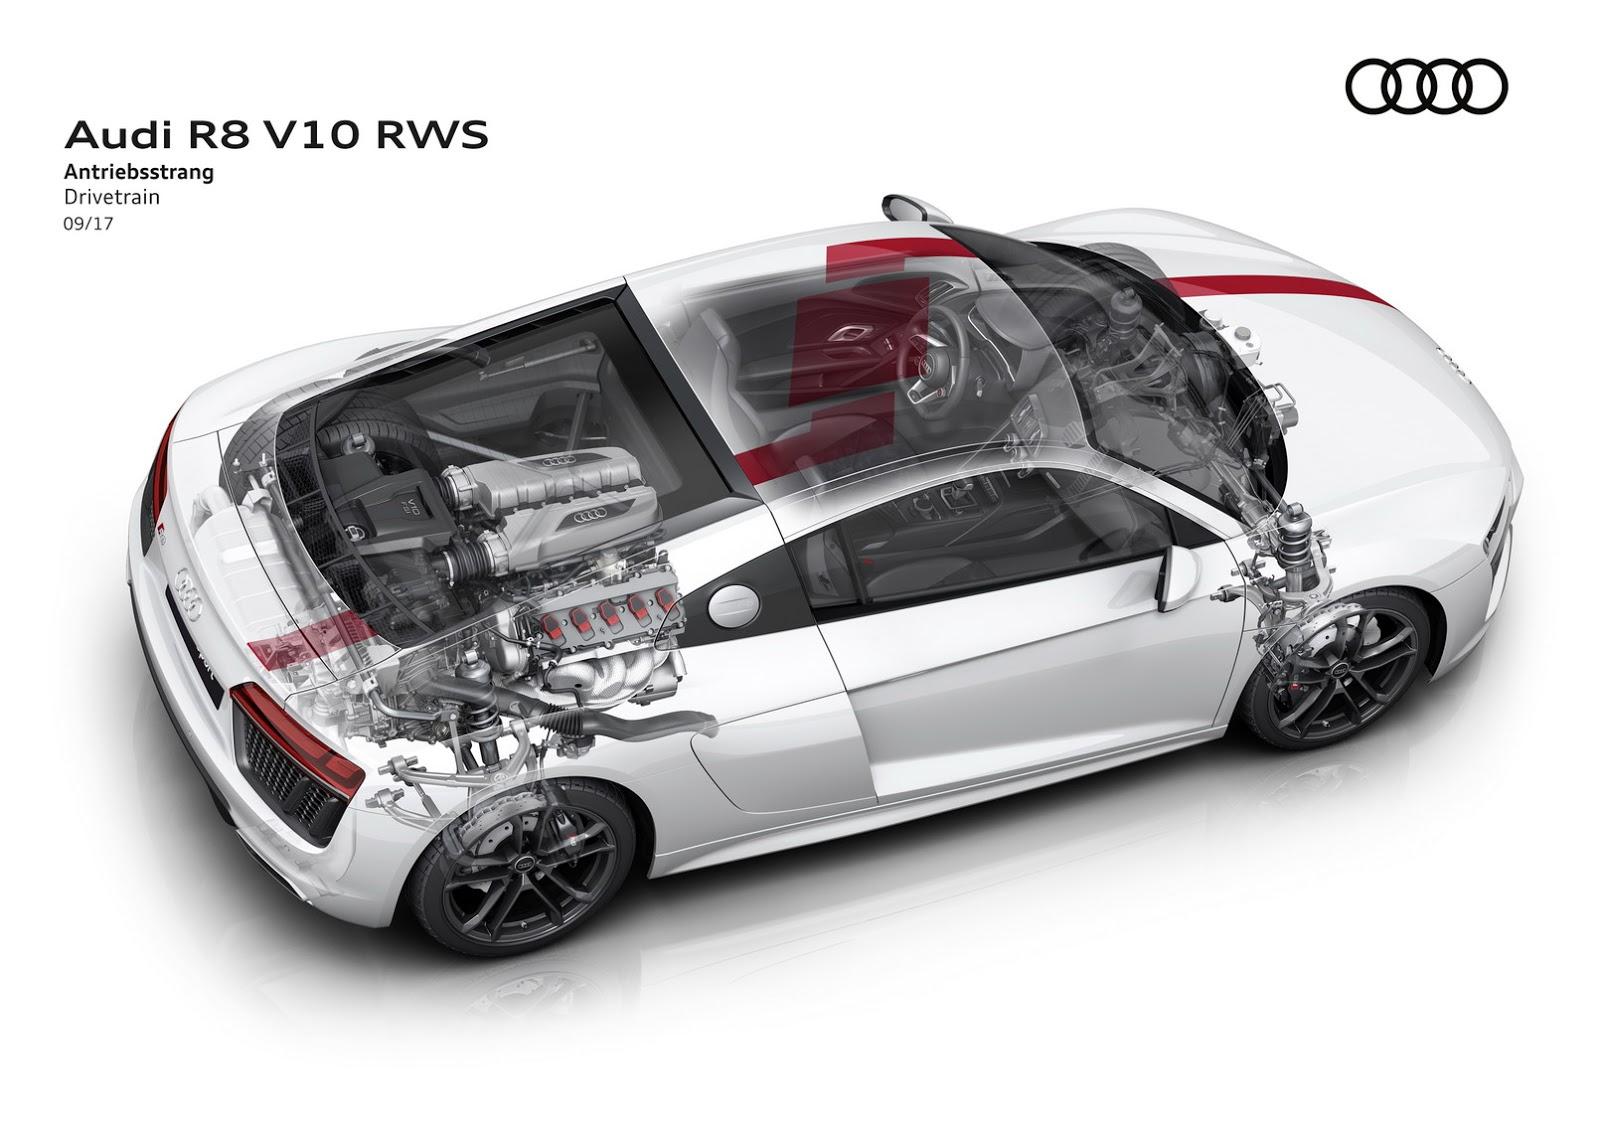 Audi R8 V10 RWD Limited Edition